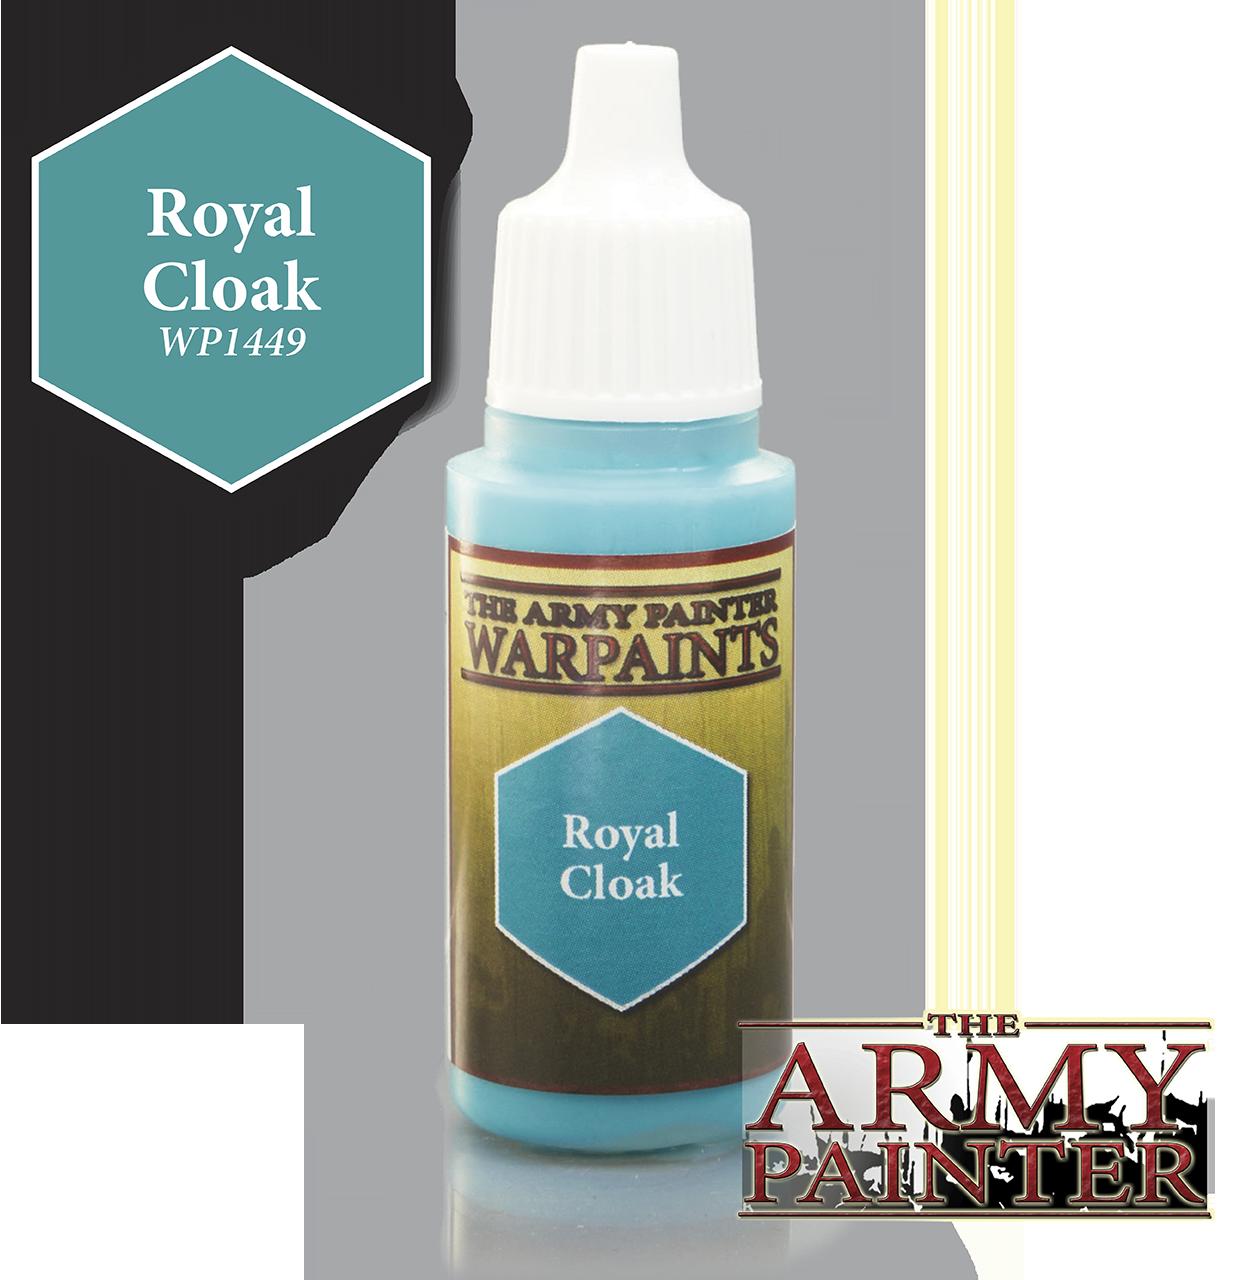 Royal Cloak - Army Painter Warpaints